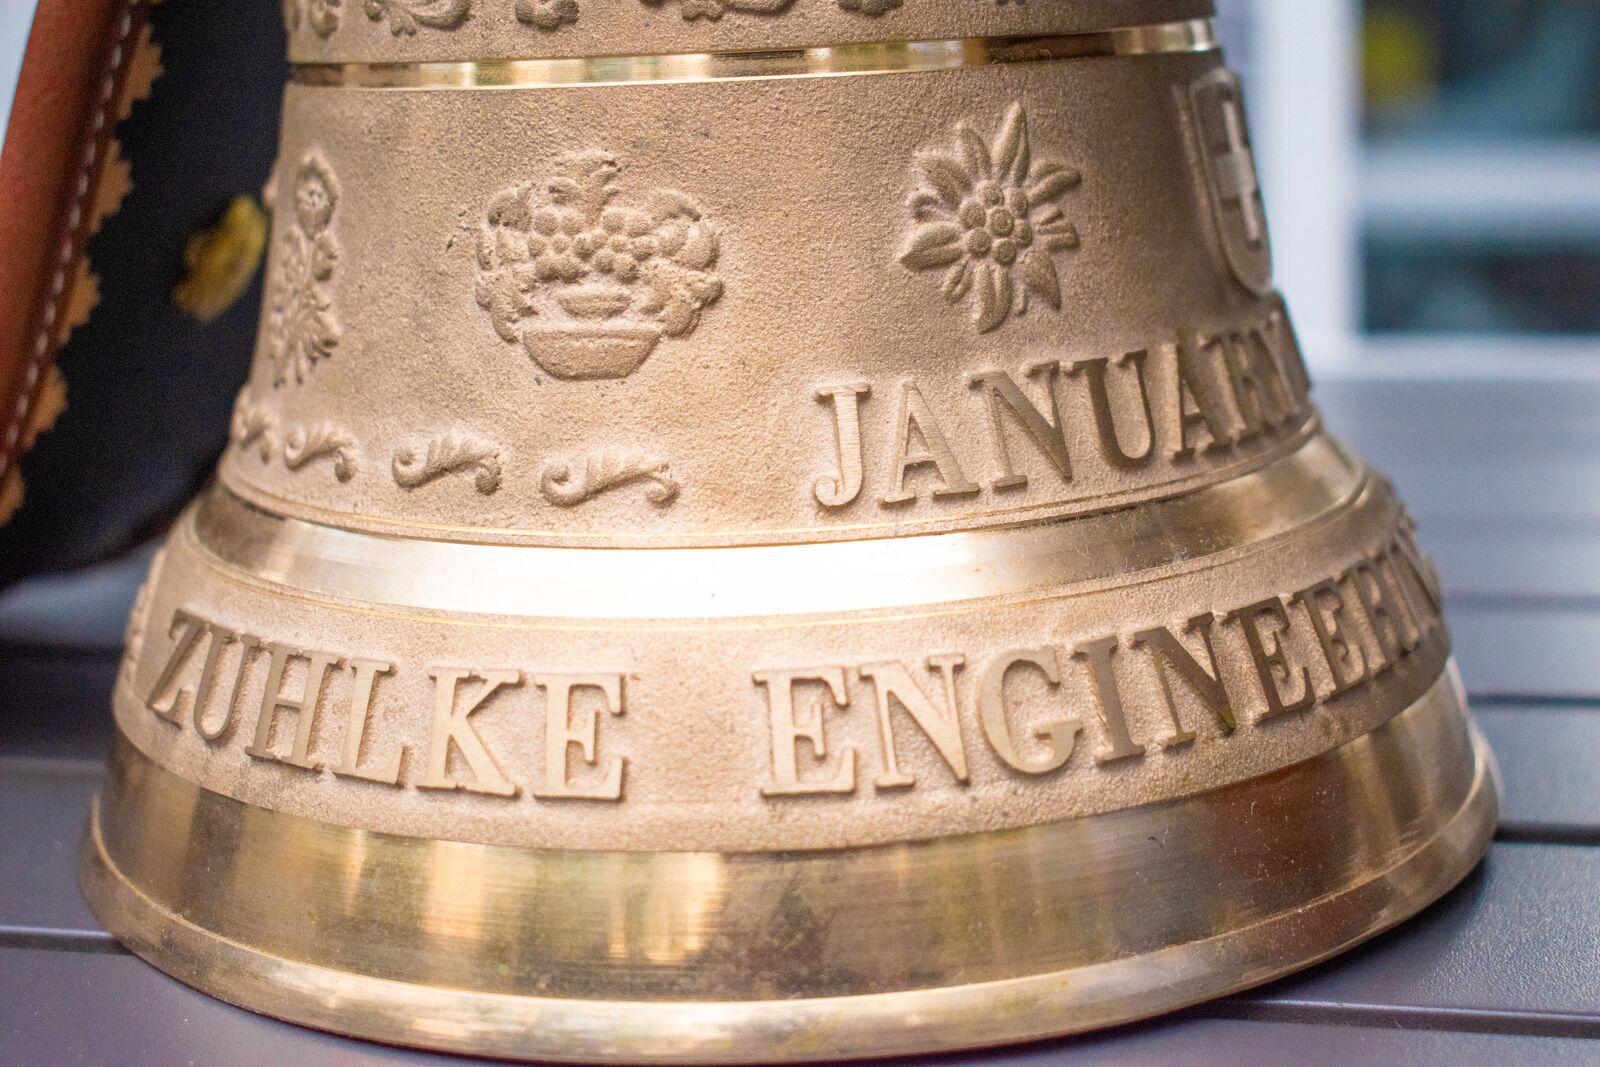 Zuhlke Engineering (HK)